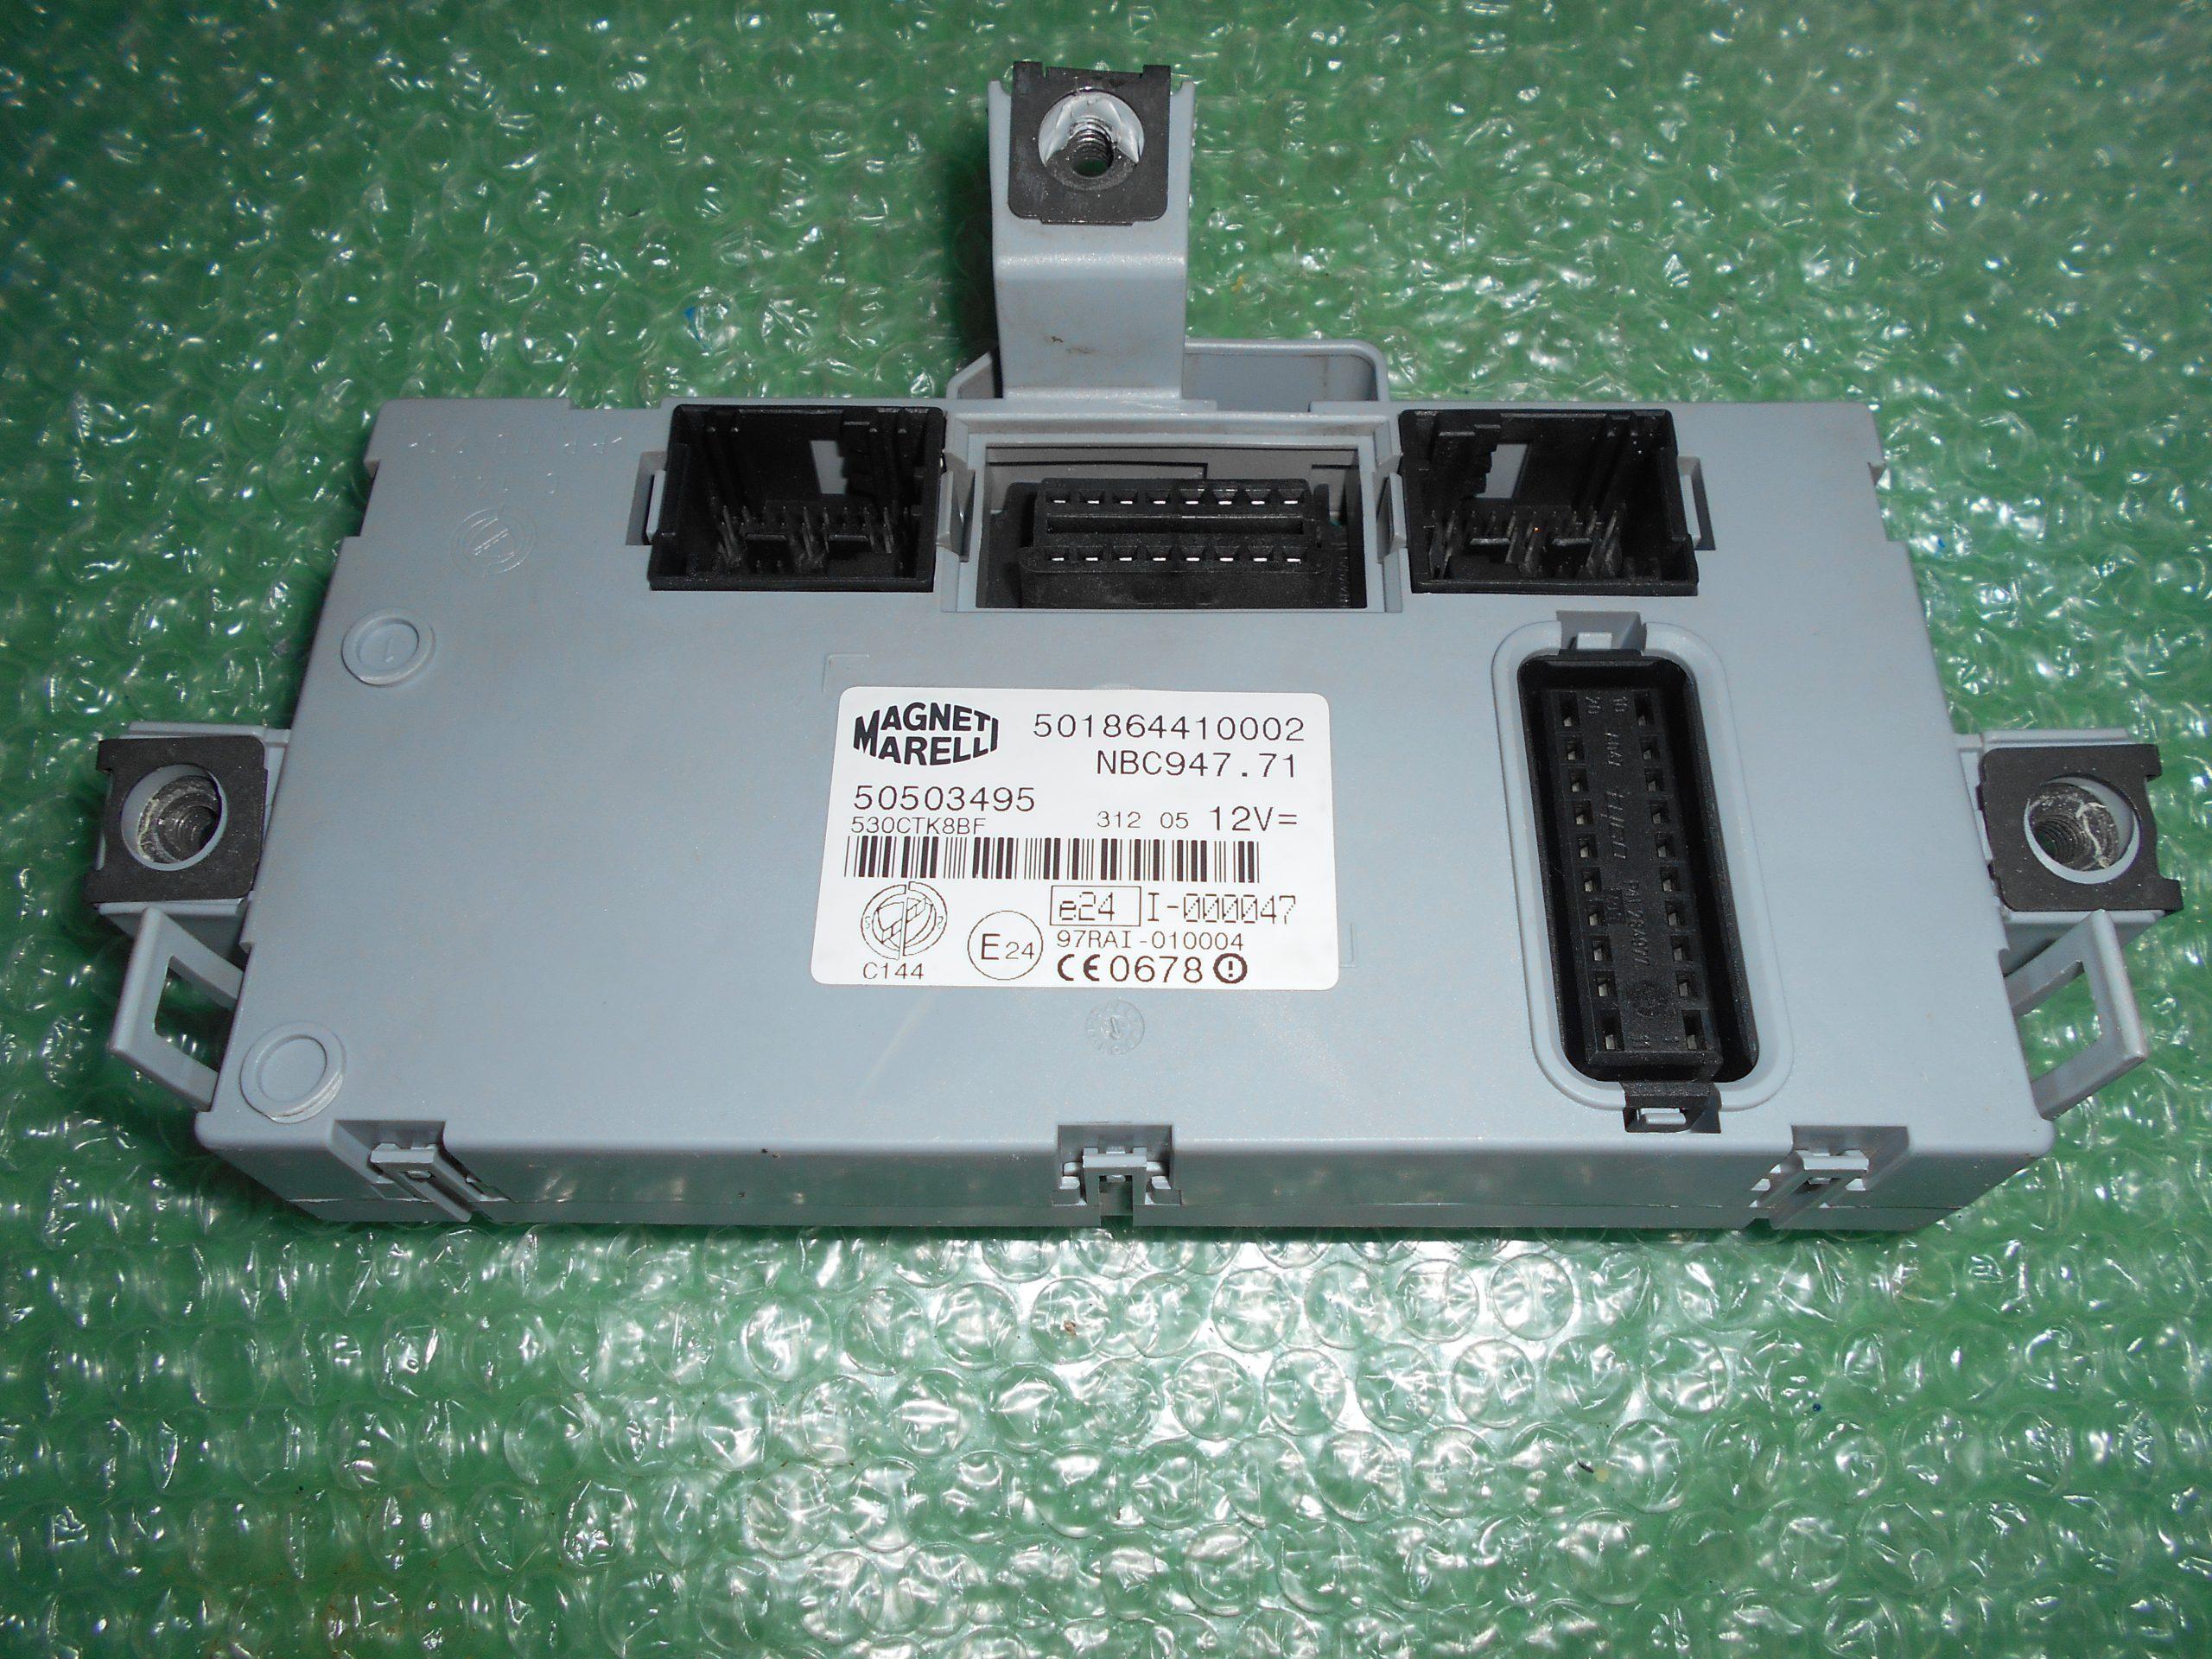 MODULO BODY COMPUTER 50503495 – MAGNETI MARELLI 501864410002 ALFA ROMEO GT (947)(2005-2010)